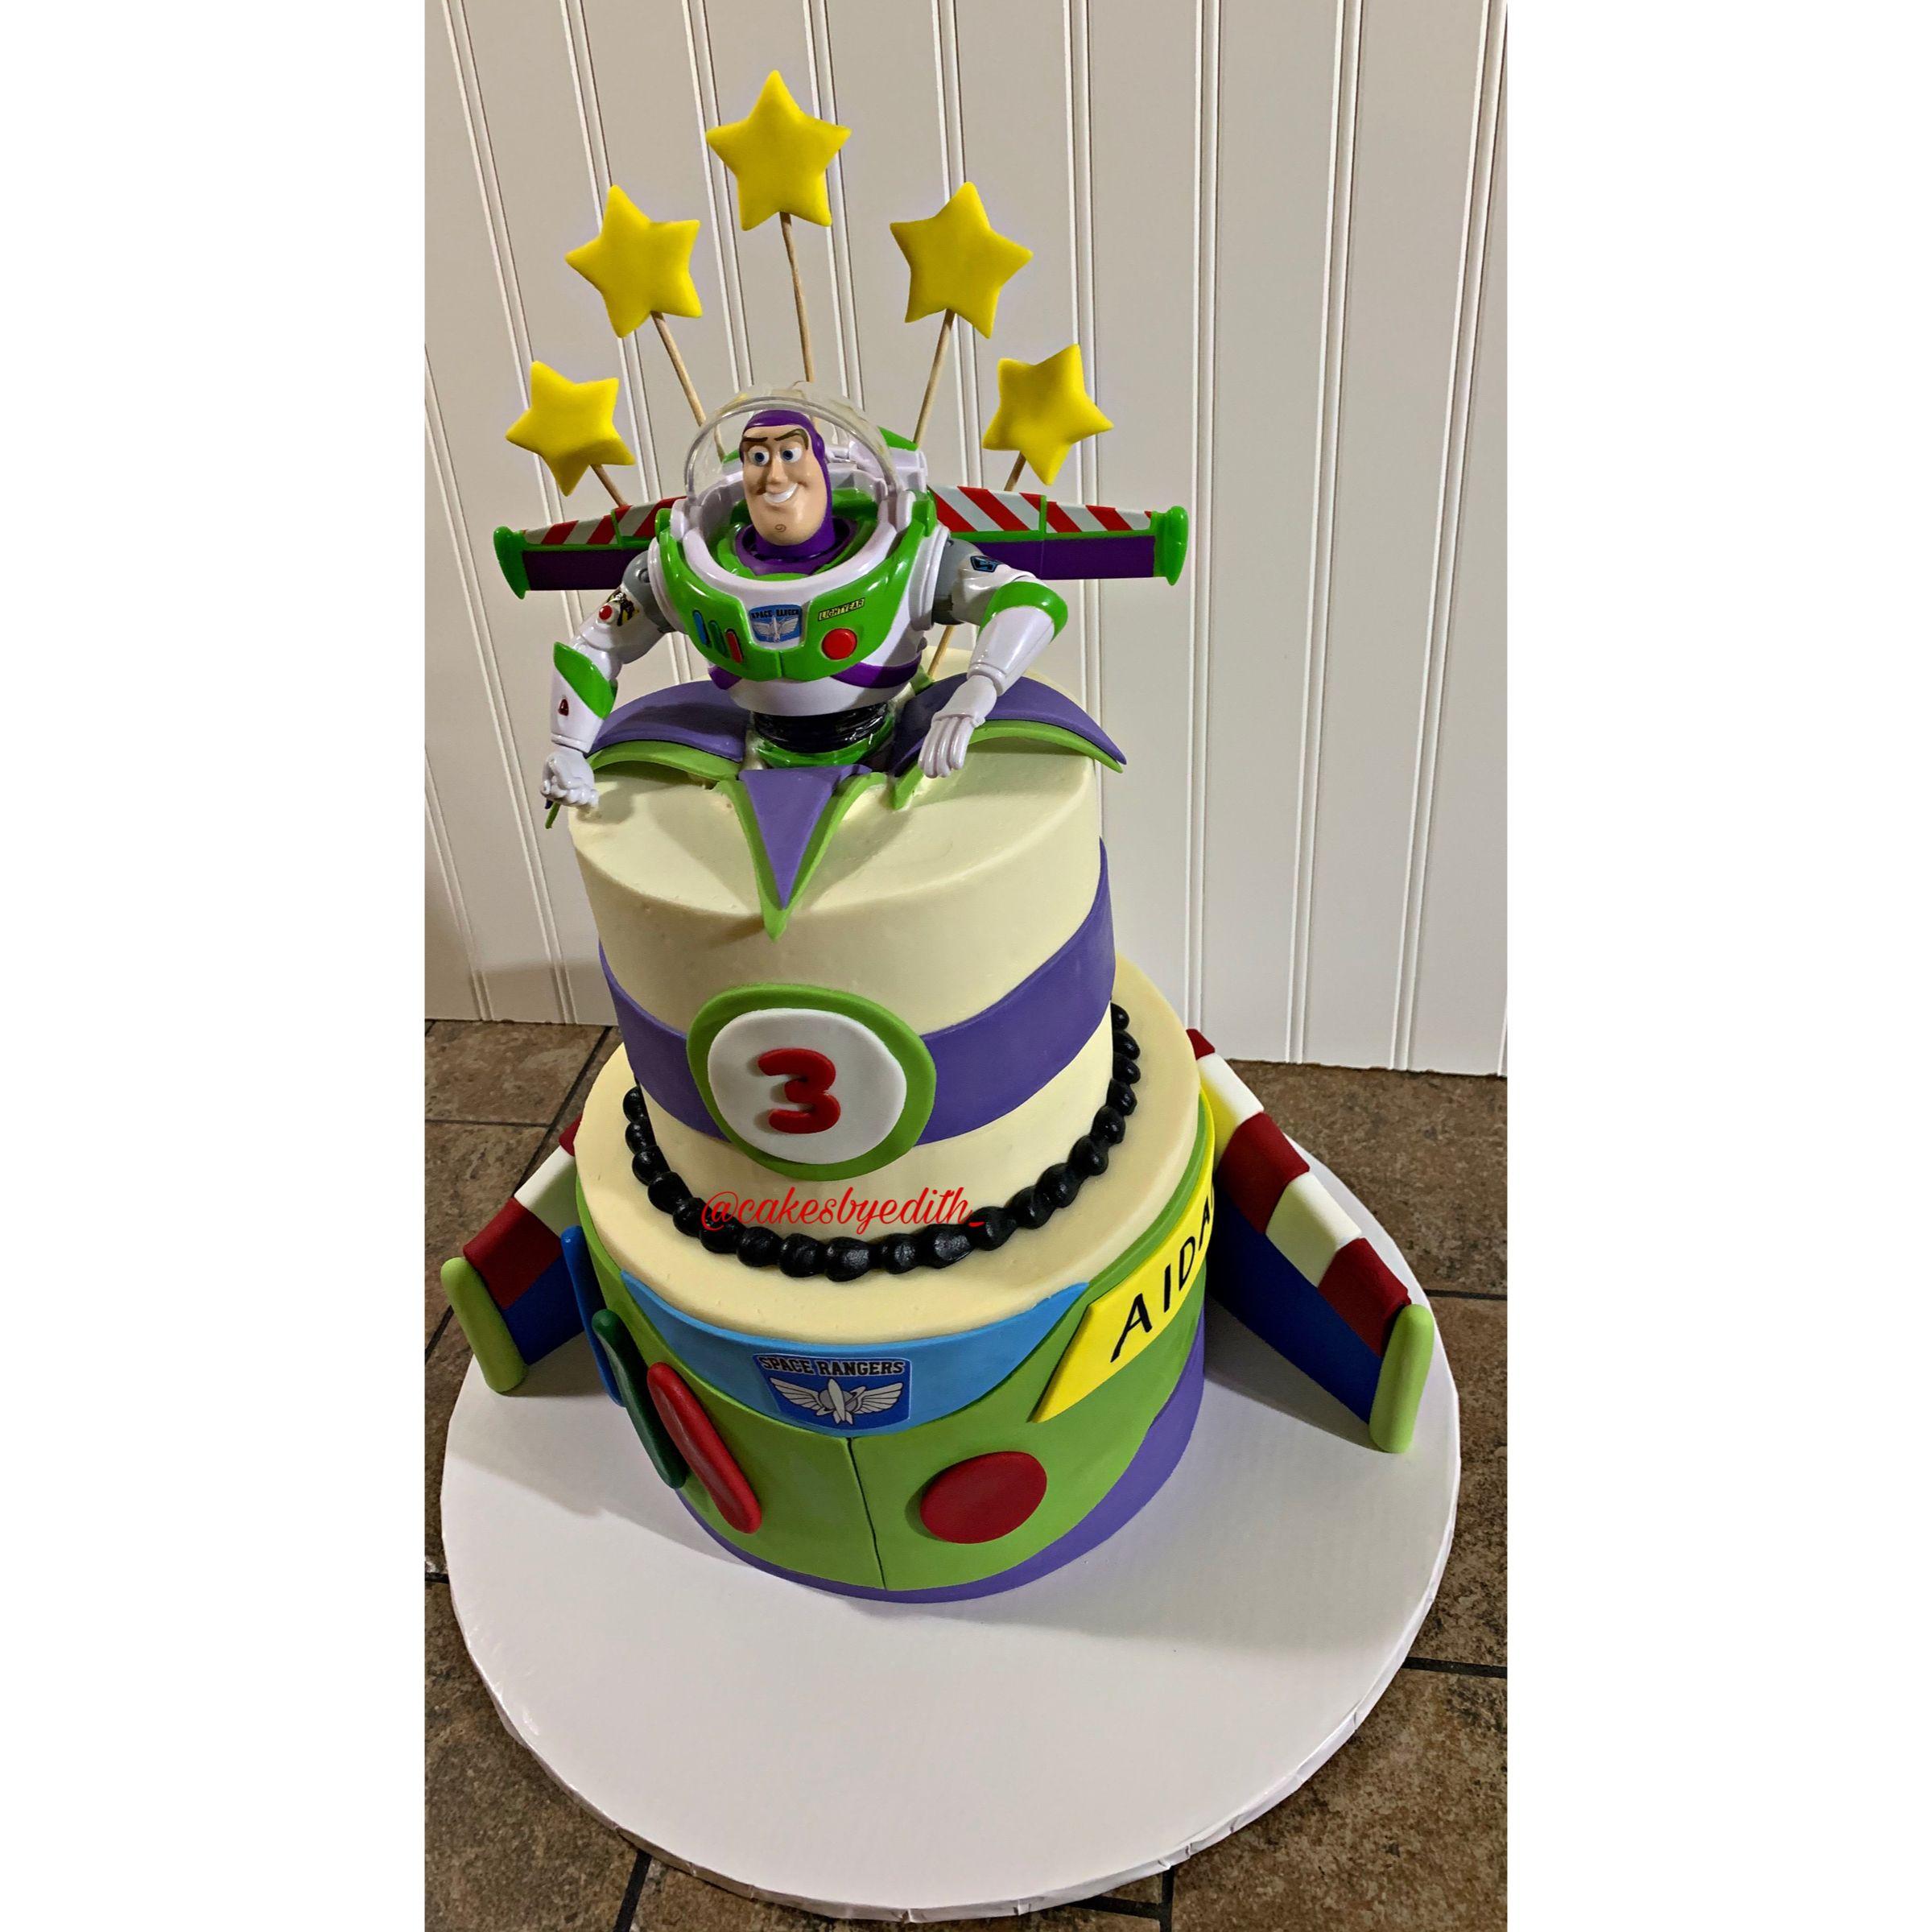 37+ Buzz lightyear cake ideas ideas in 2021